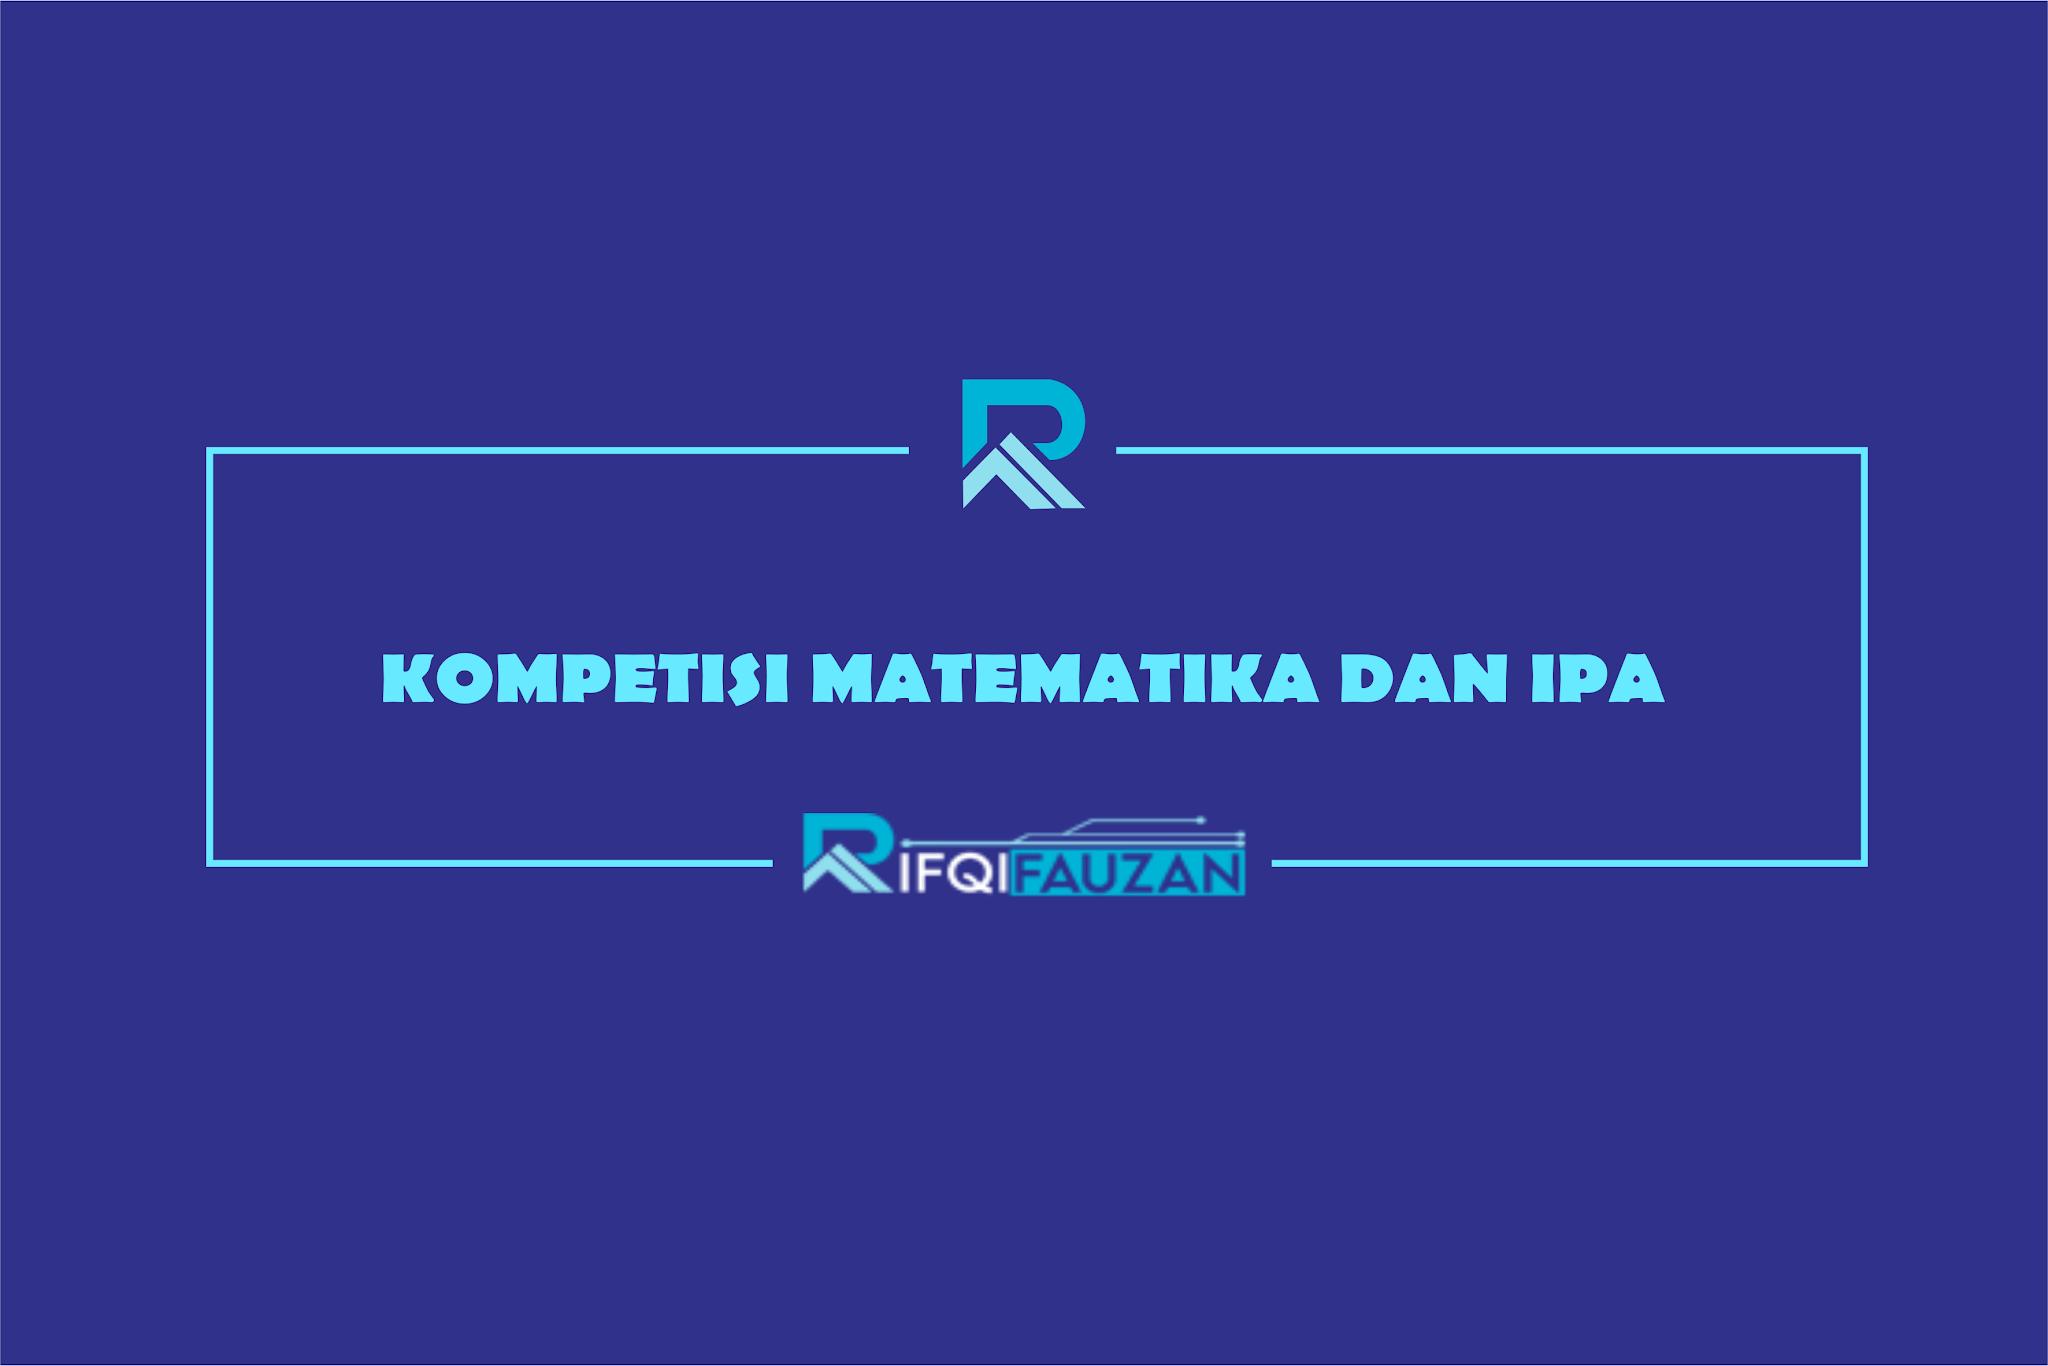 KOMPETISI ONLINE MATEMATIKA DAN IPA SD 2020